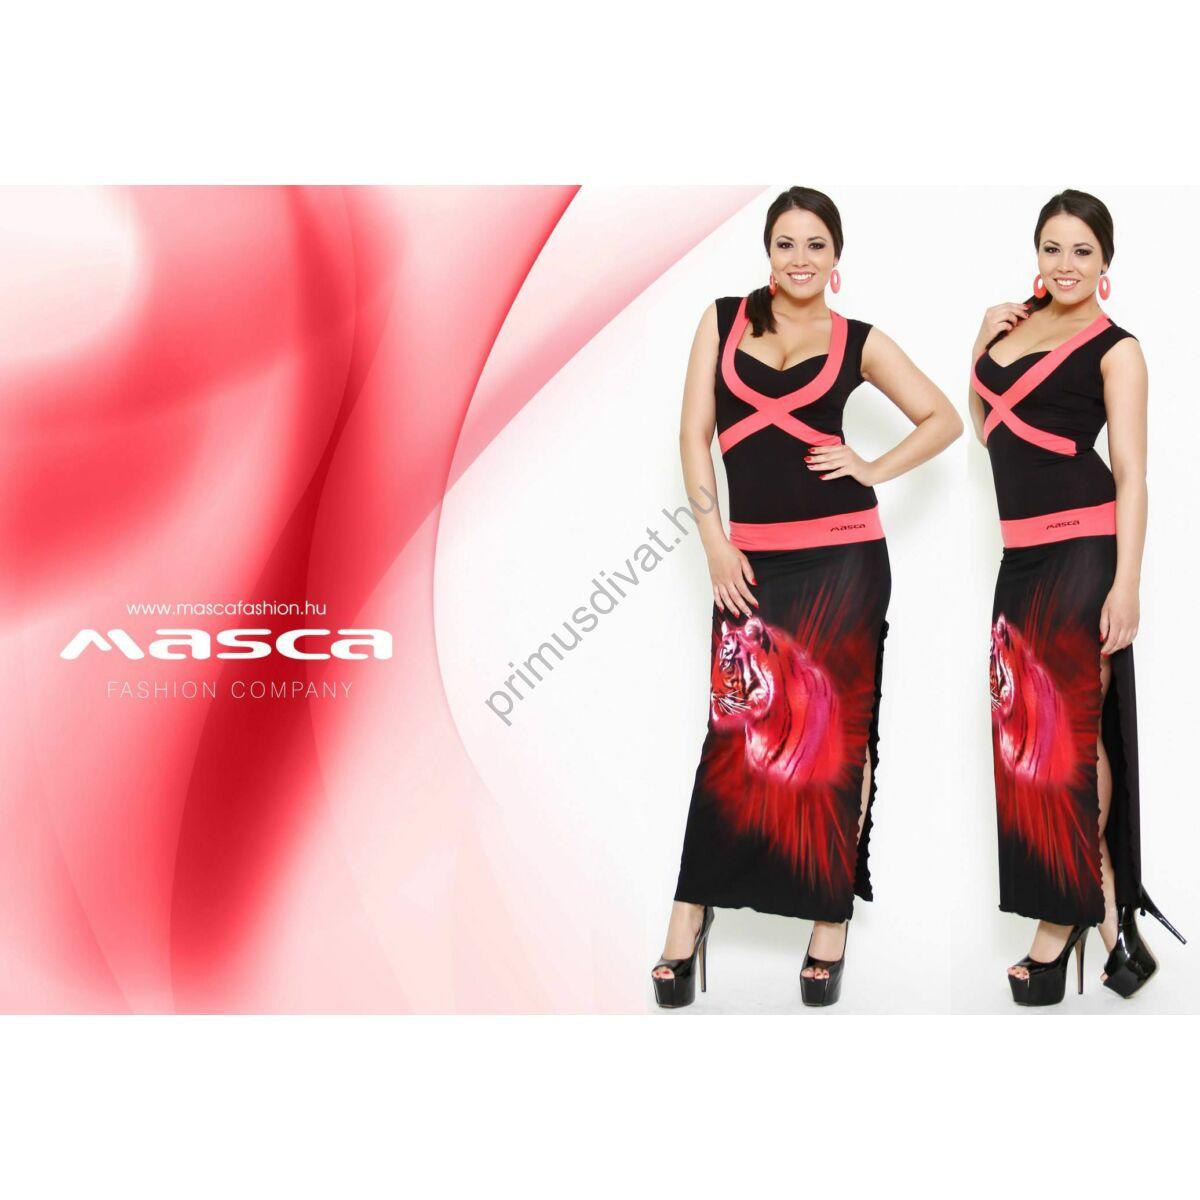 Masca Fashion kereszt betétes maxi ruha 7a81413f58